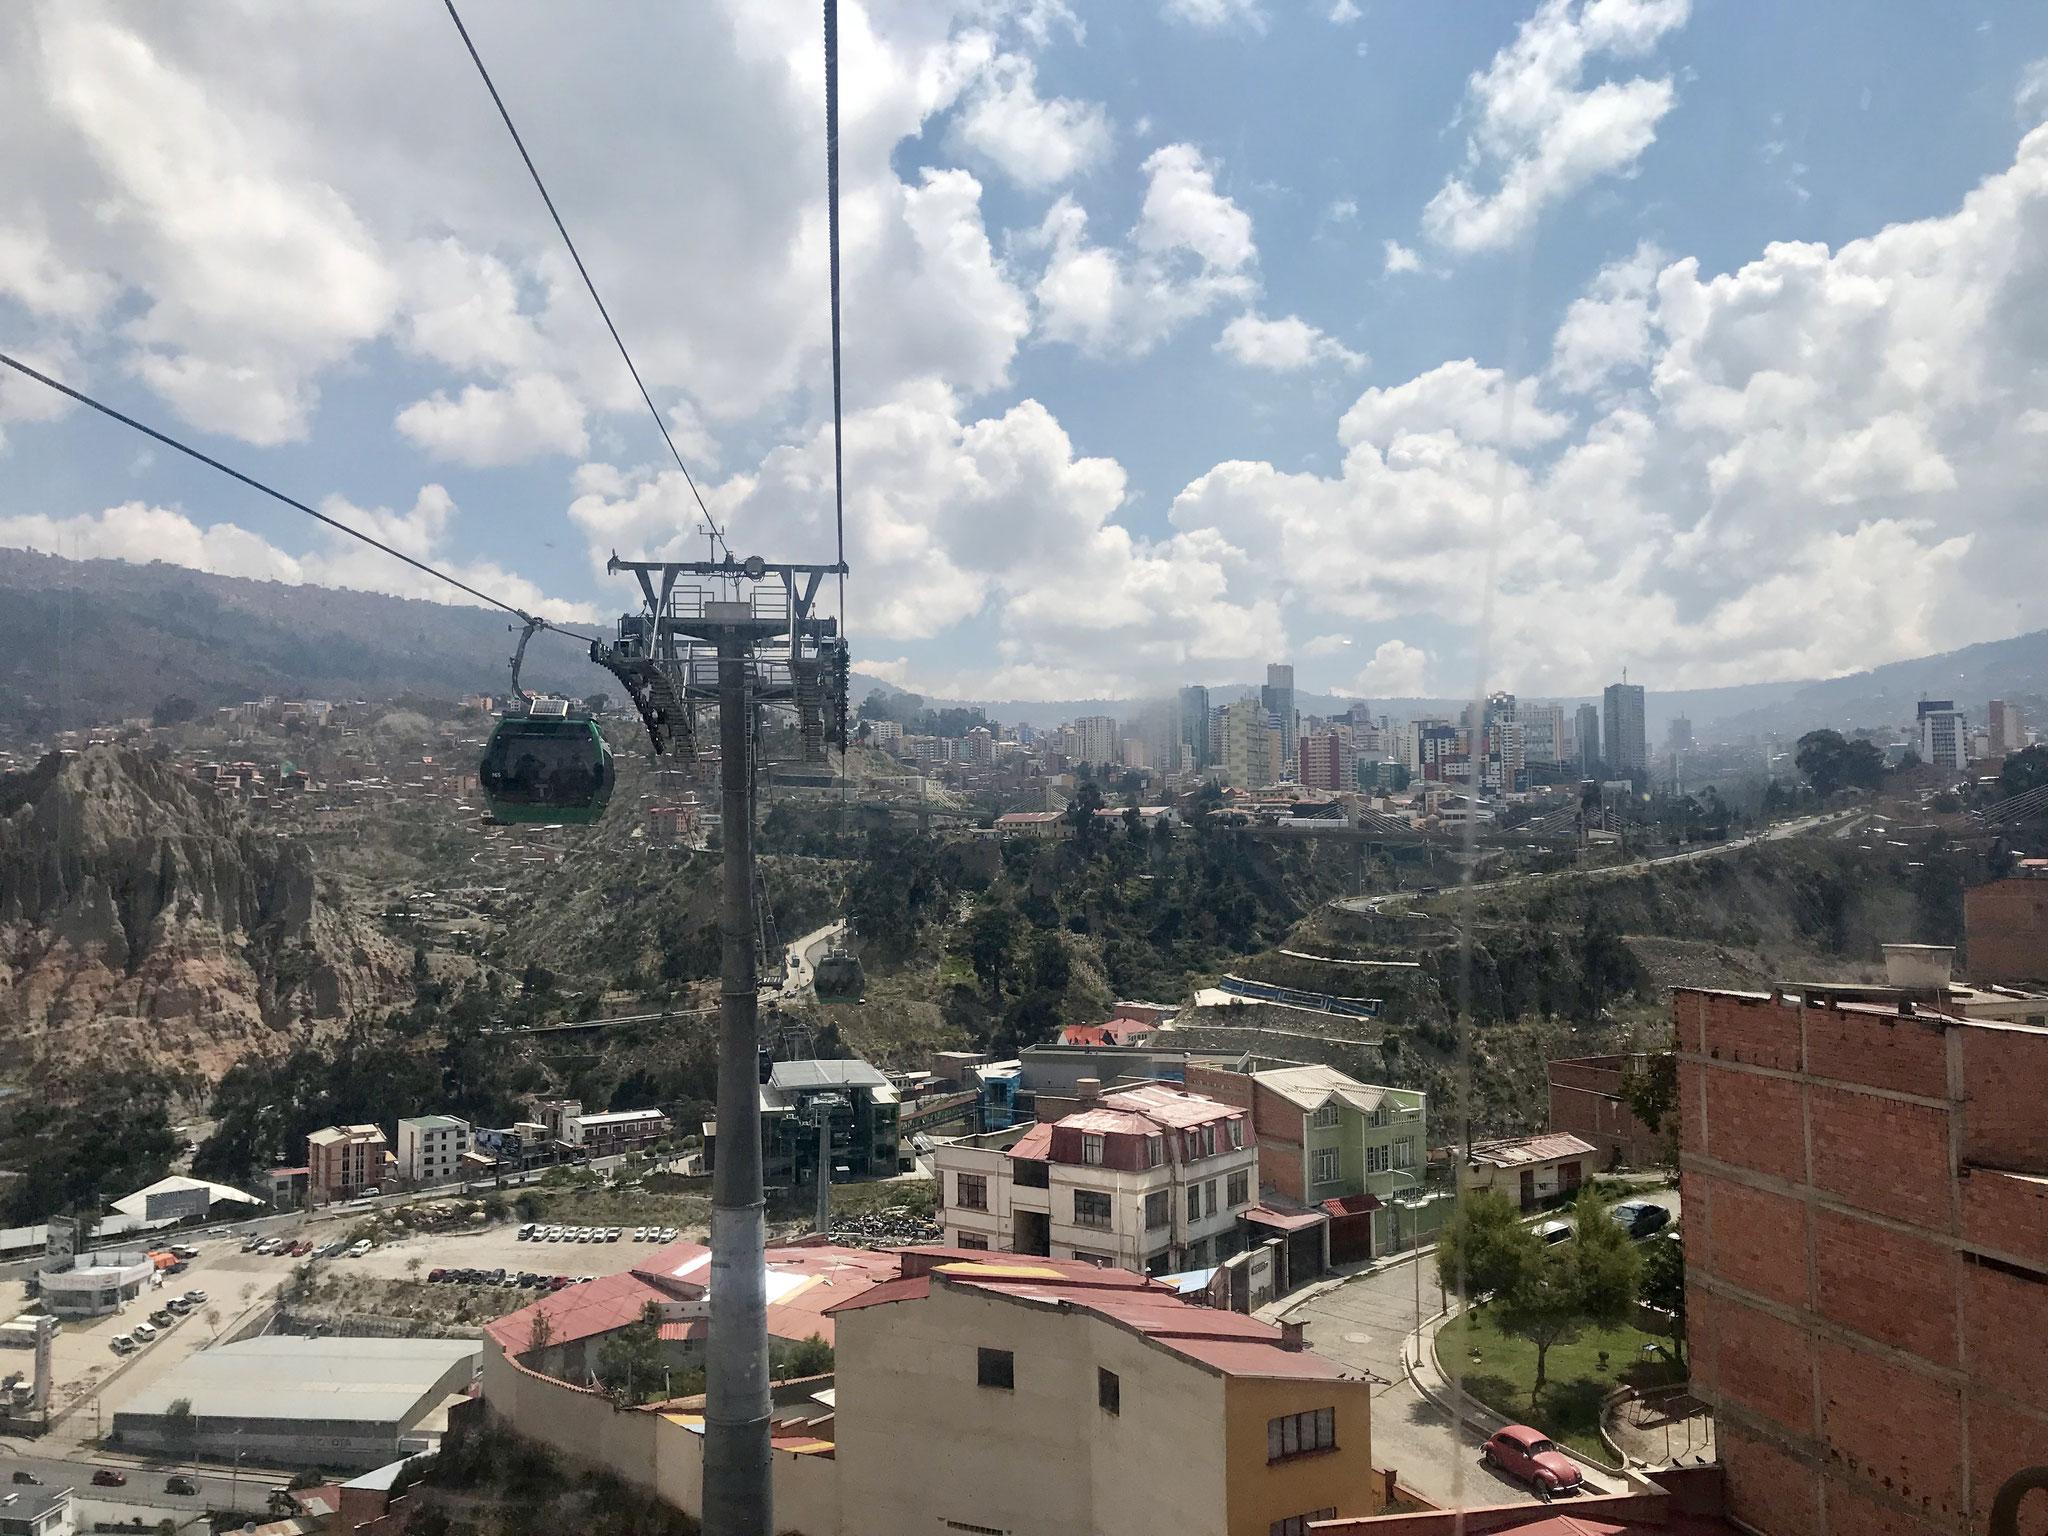 Gondelbahnen in La Paz